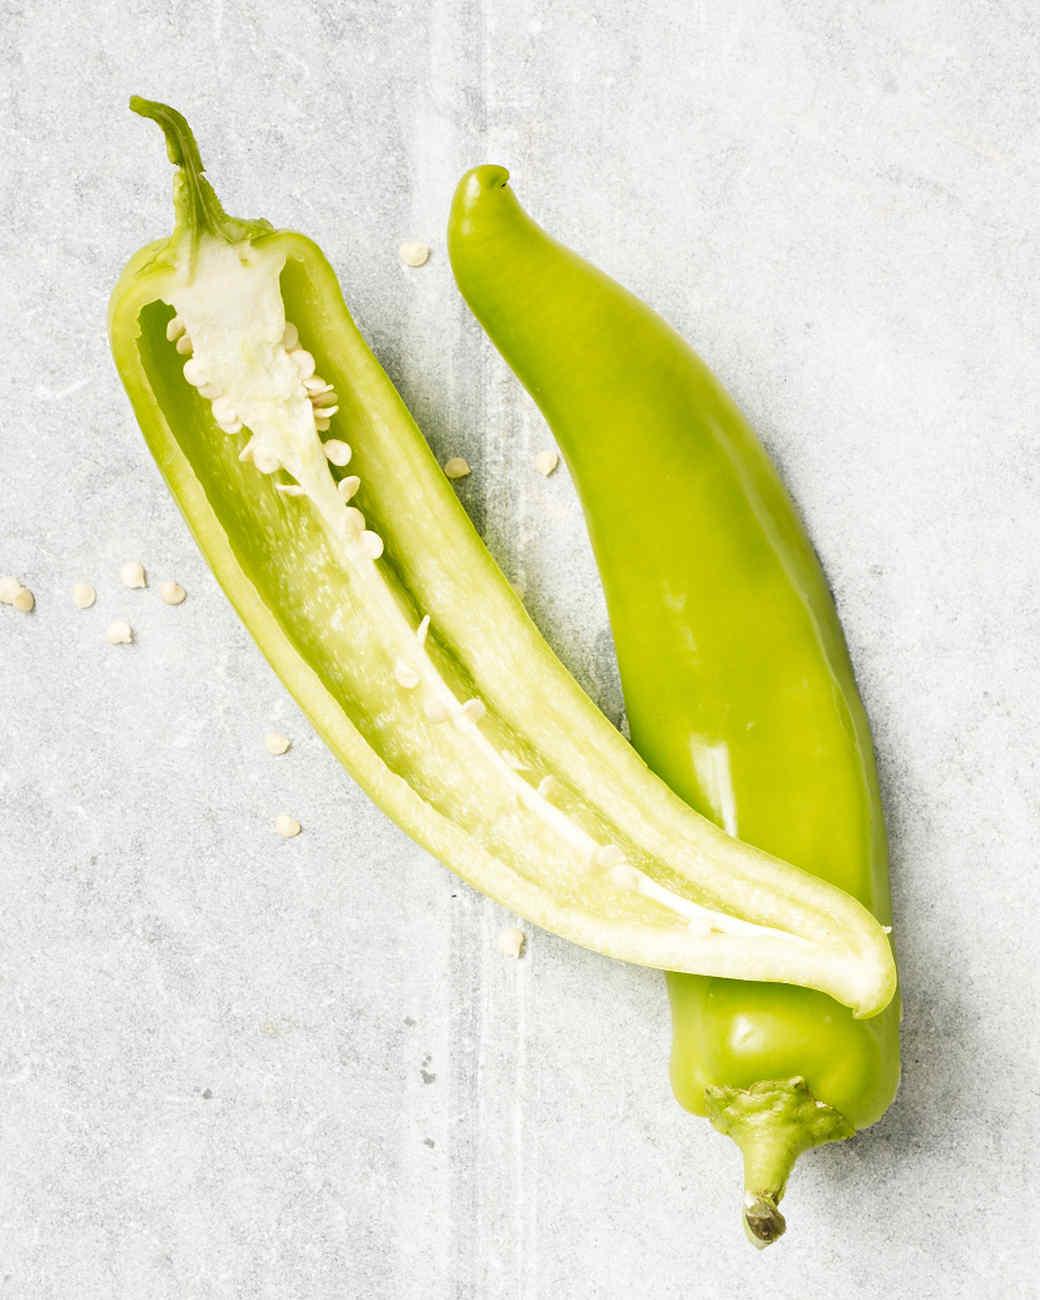 anaheim-peppers-167-d110163.jpg